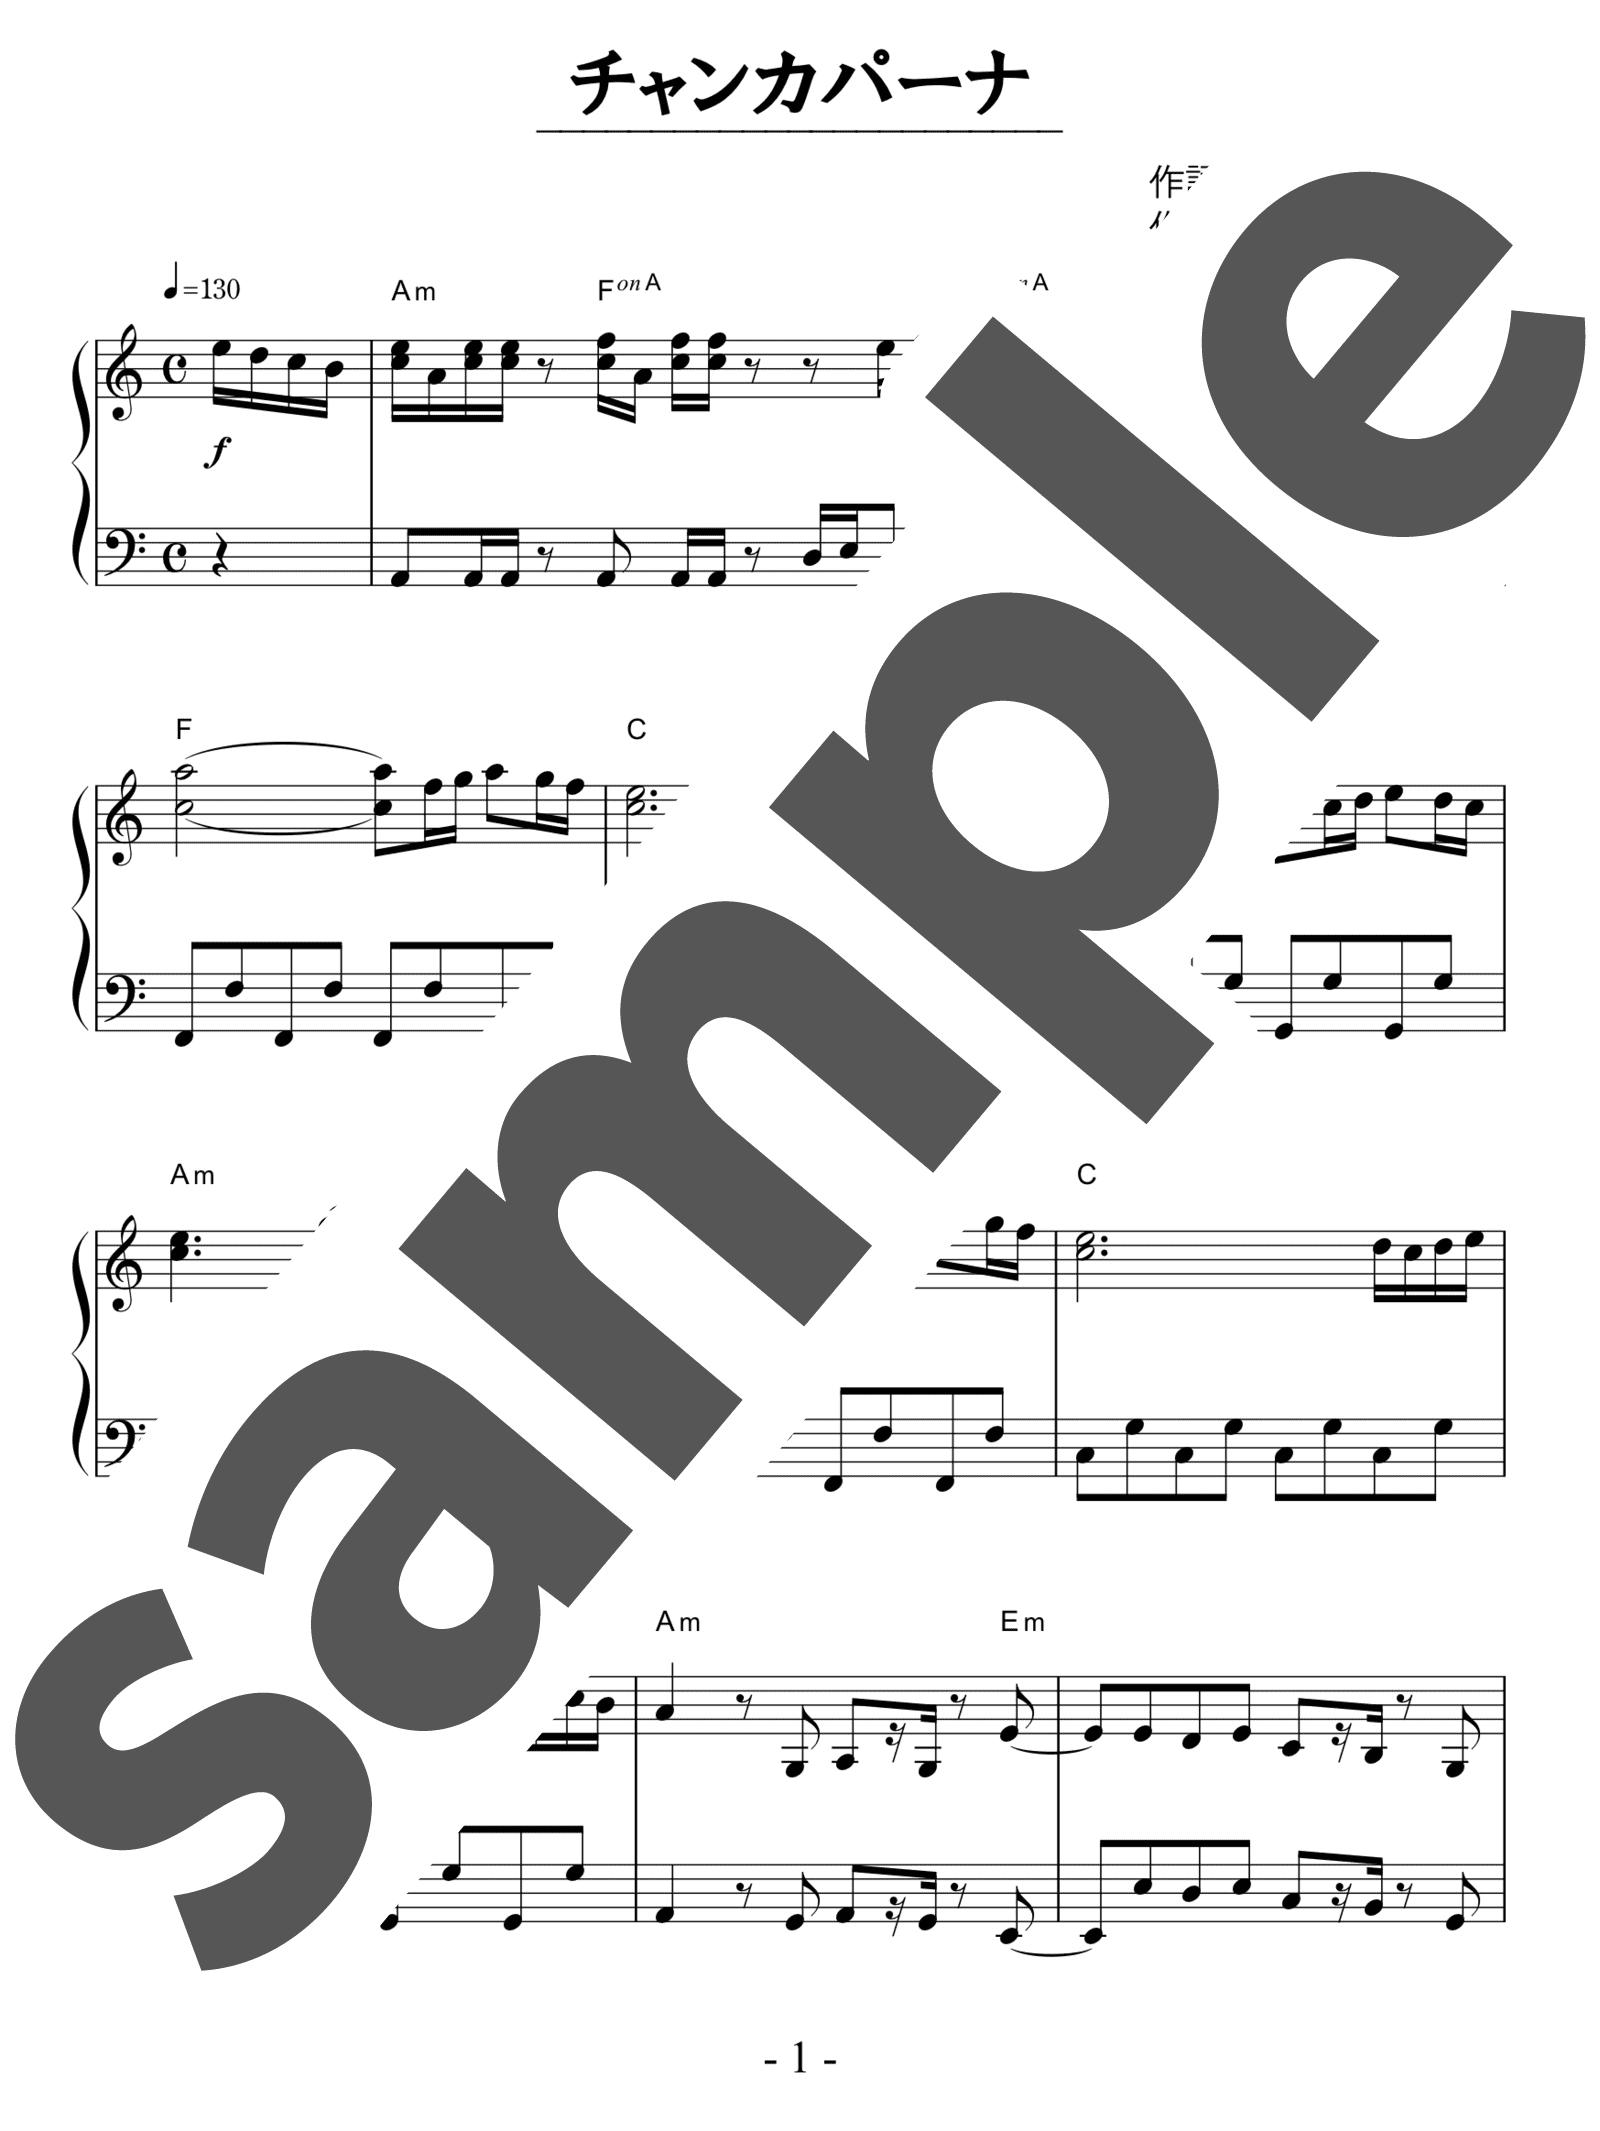 「チャンカパーナ」のサンプル楽譜